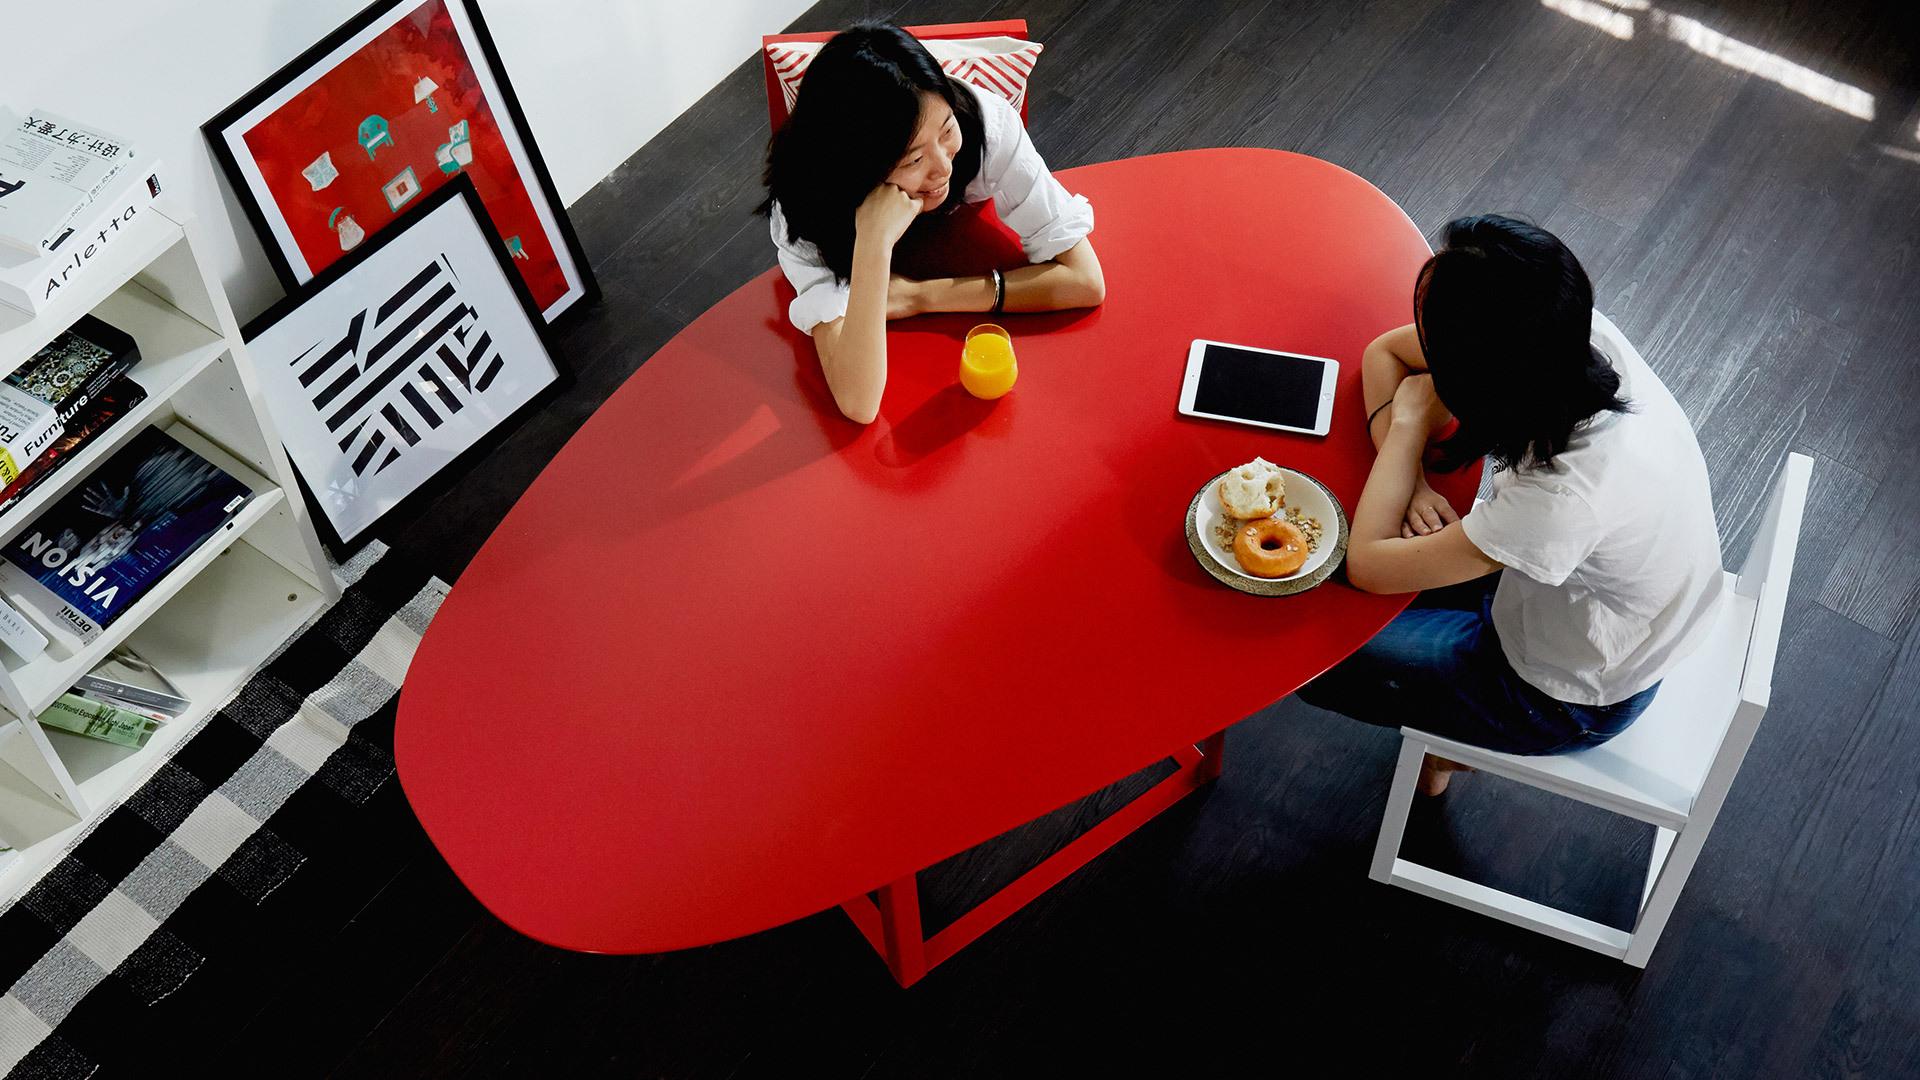 以自然的曲线设计,打破空间局促,放在客厅、餐厅或者卧室等任何需要的地方,可以是1人的书桌,也可以是多人的用餐和办公中心。